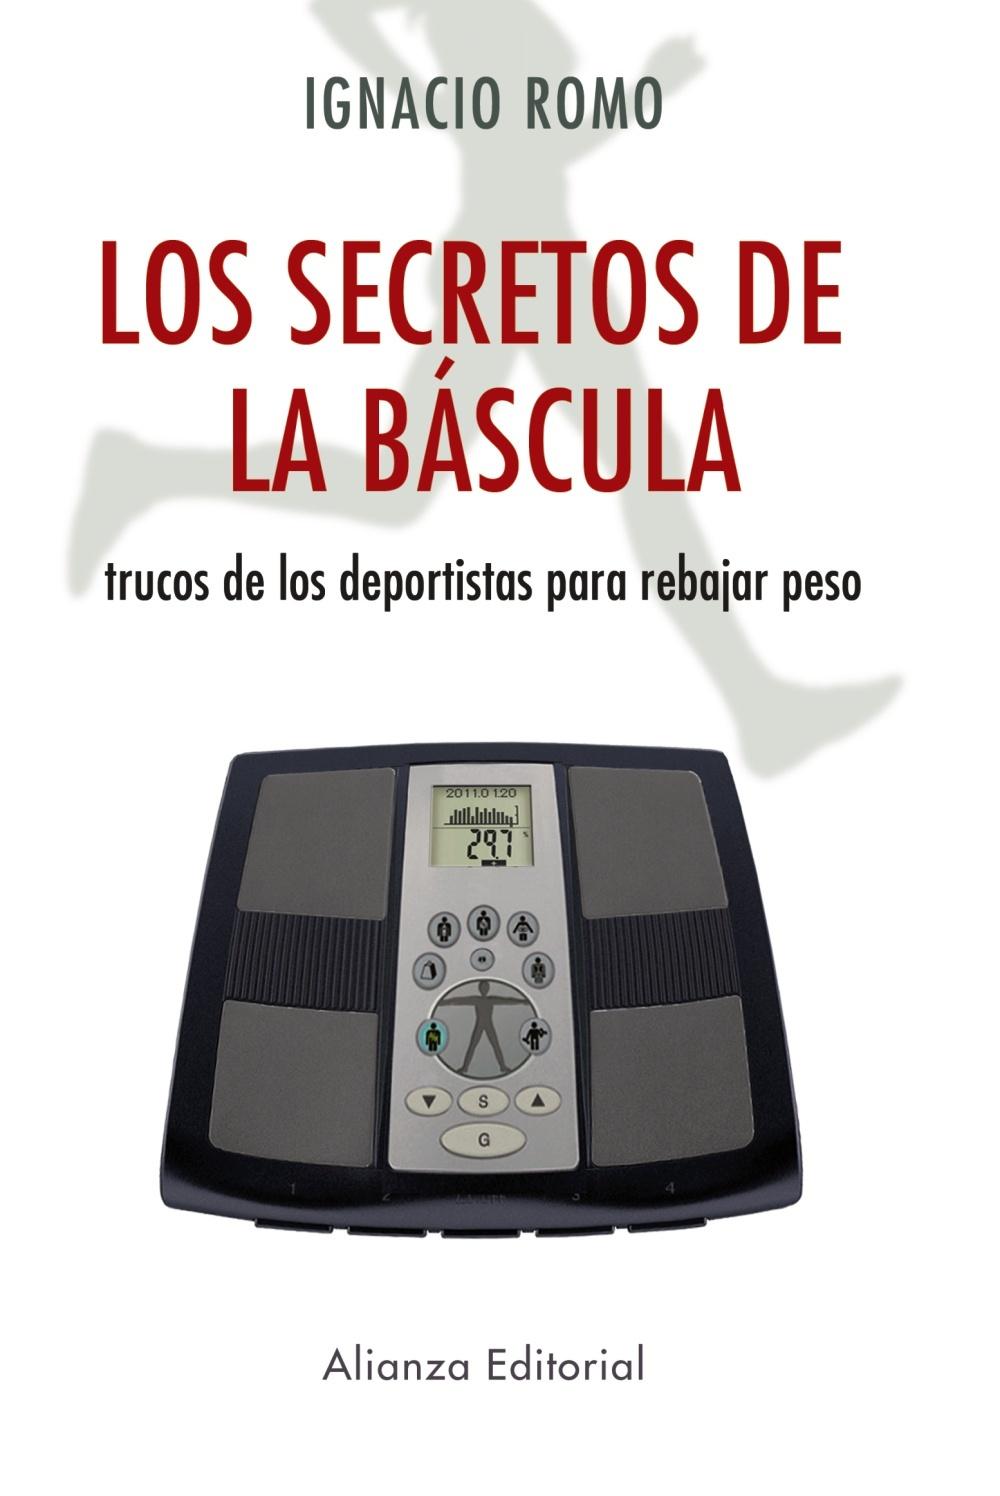 LOS SECRETOS DE LA BÁSCULA: TRUCOS DE LOS DEPORTISTAS PARA REBAJAR PESO